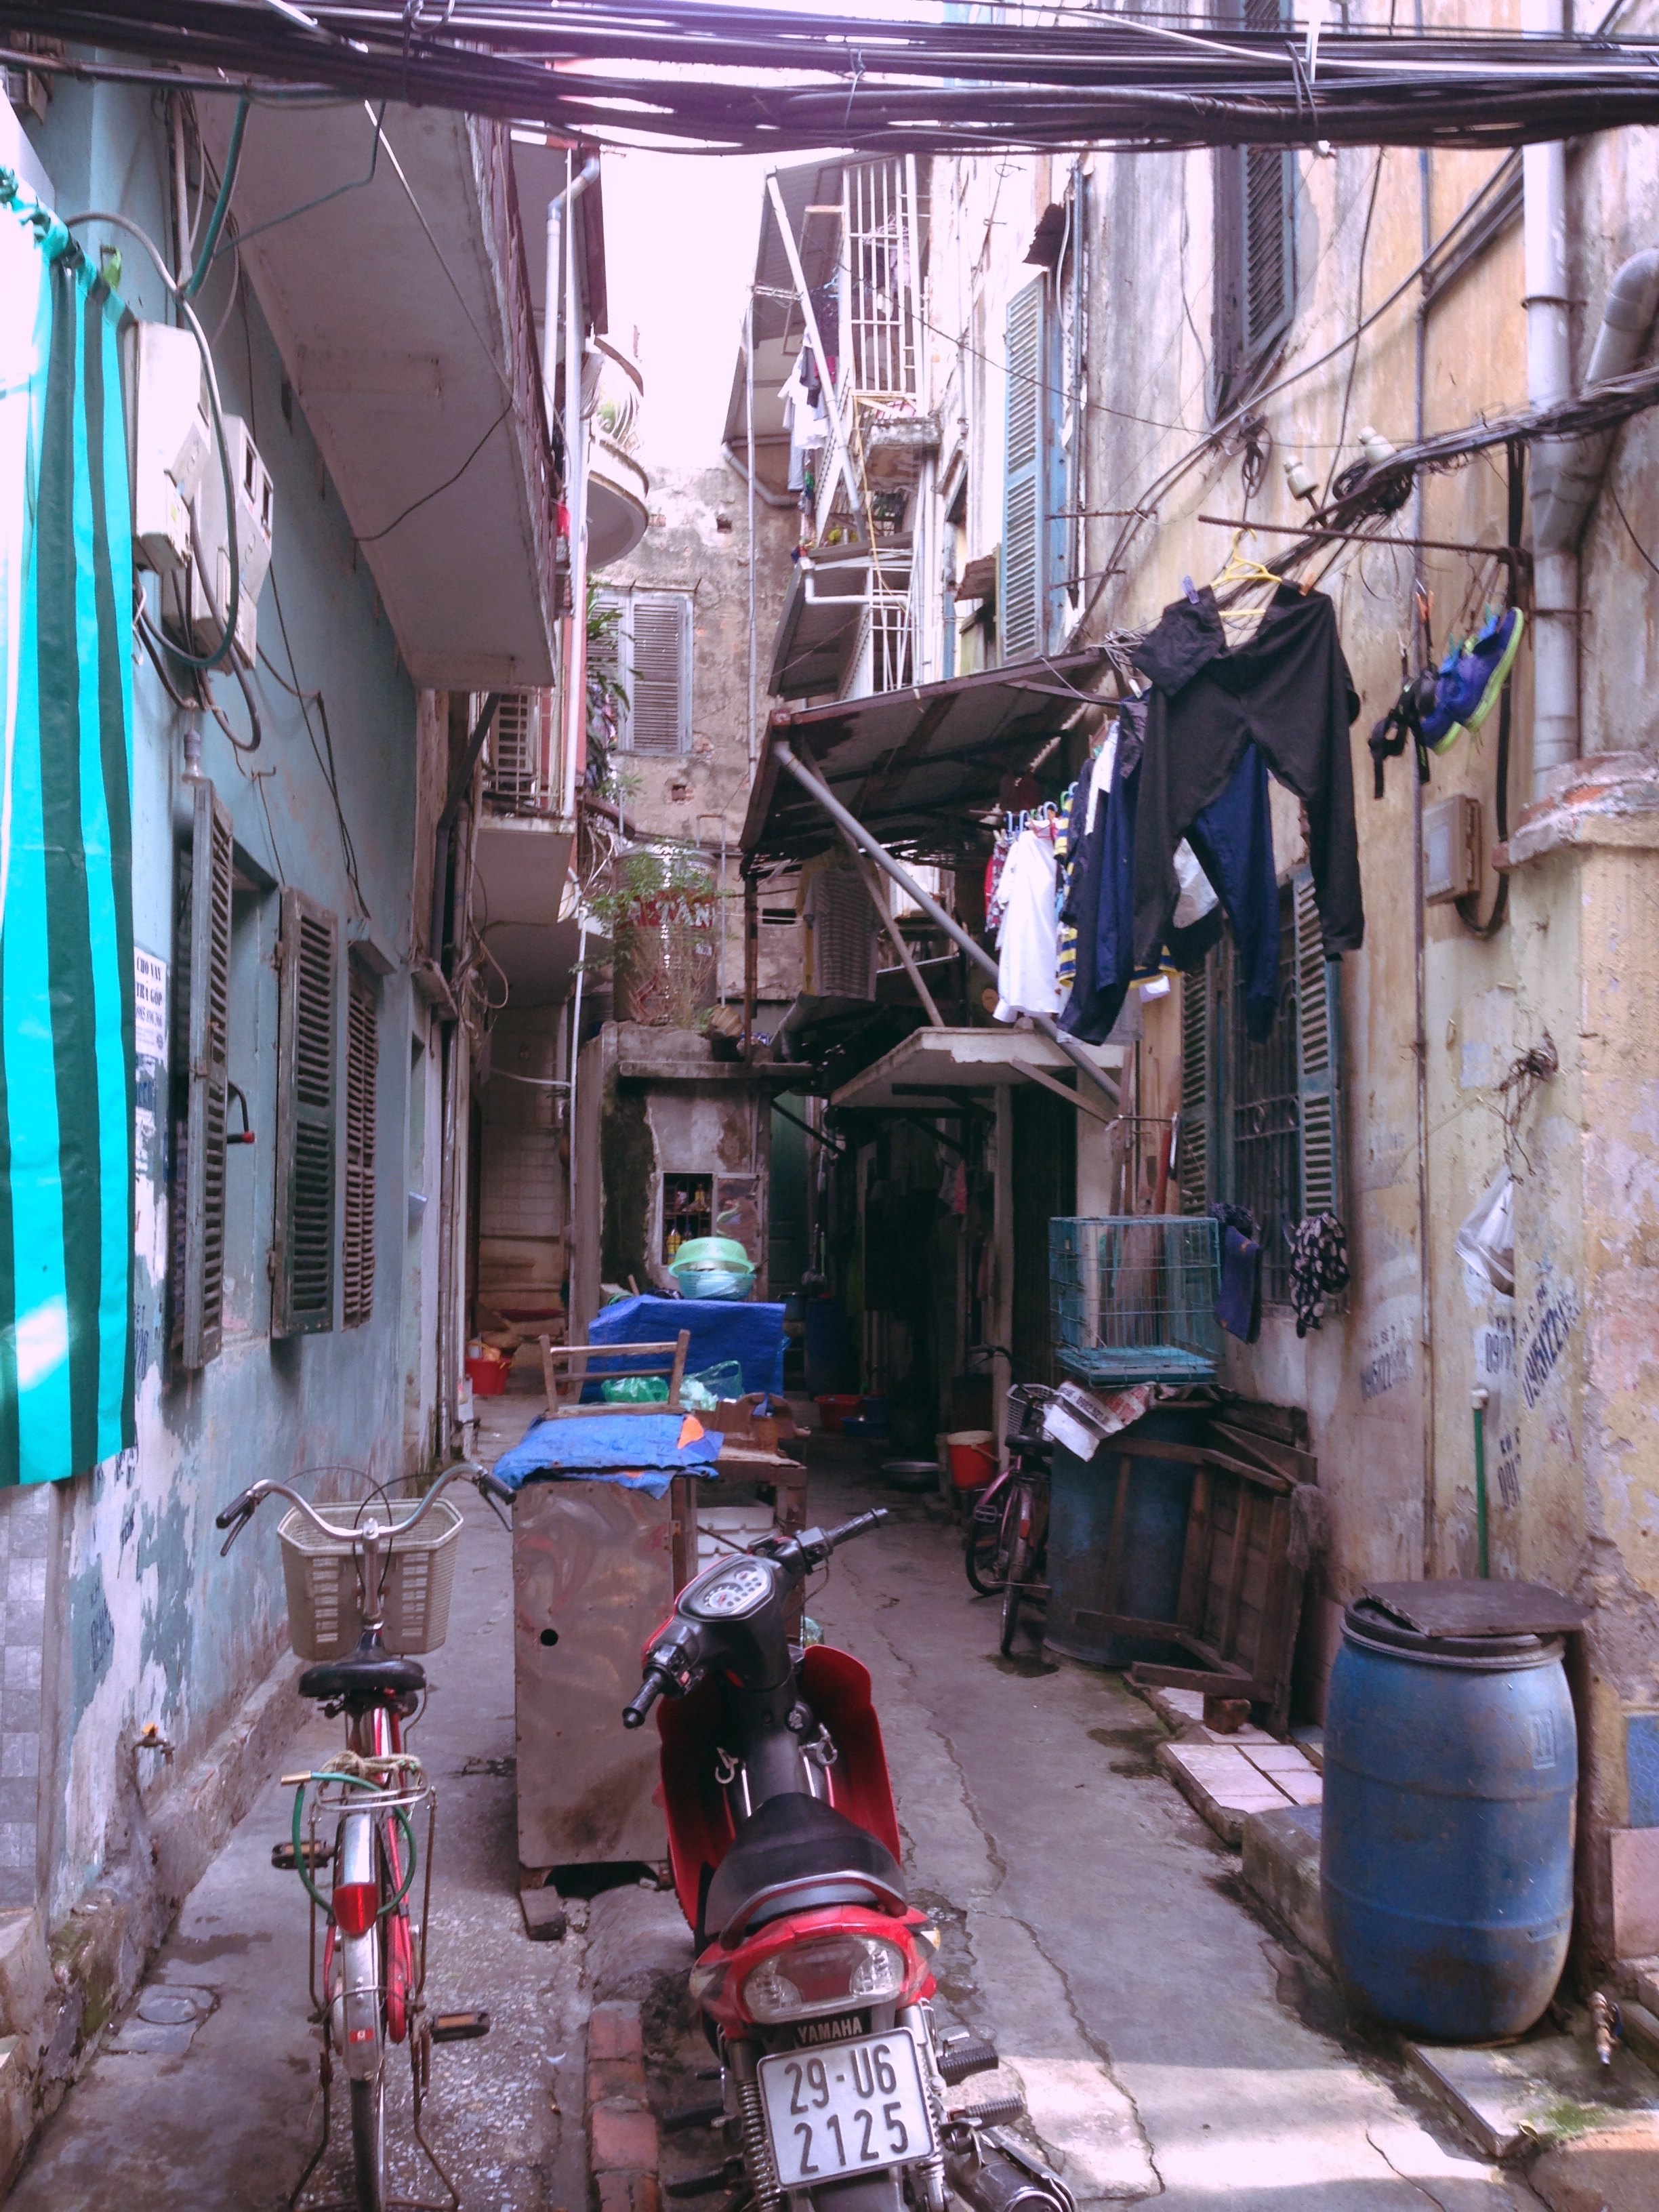 越南河内的小街和摩托车- illumelation.combeplay3体育官方下载